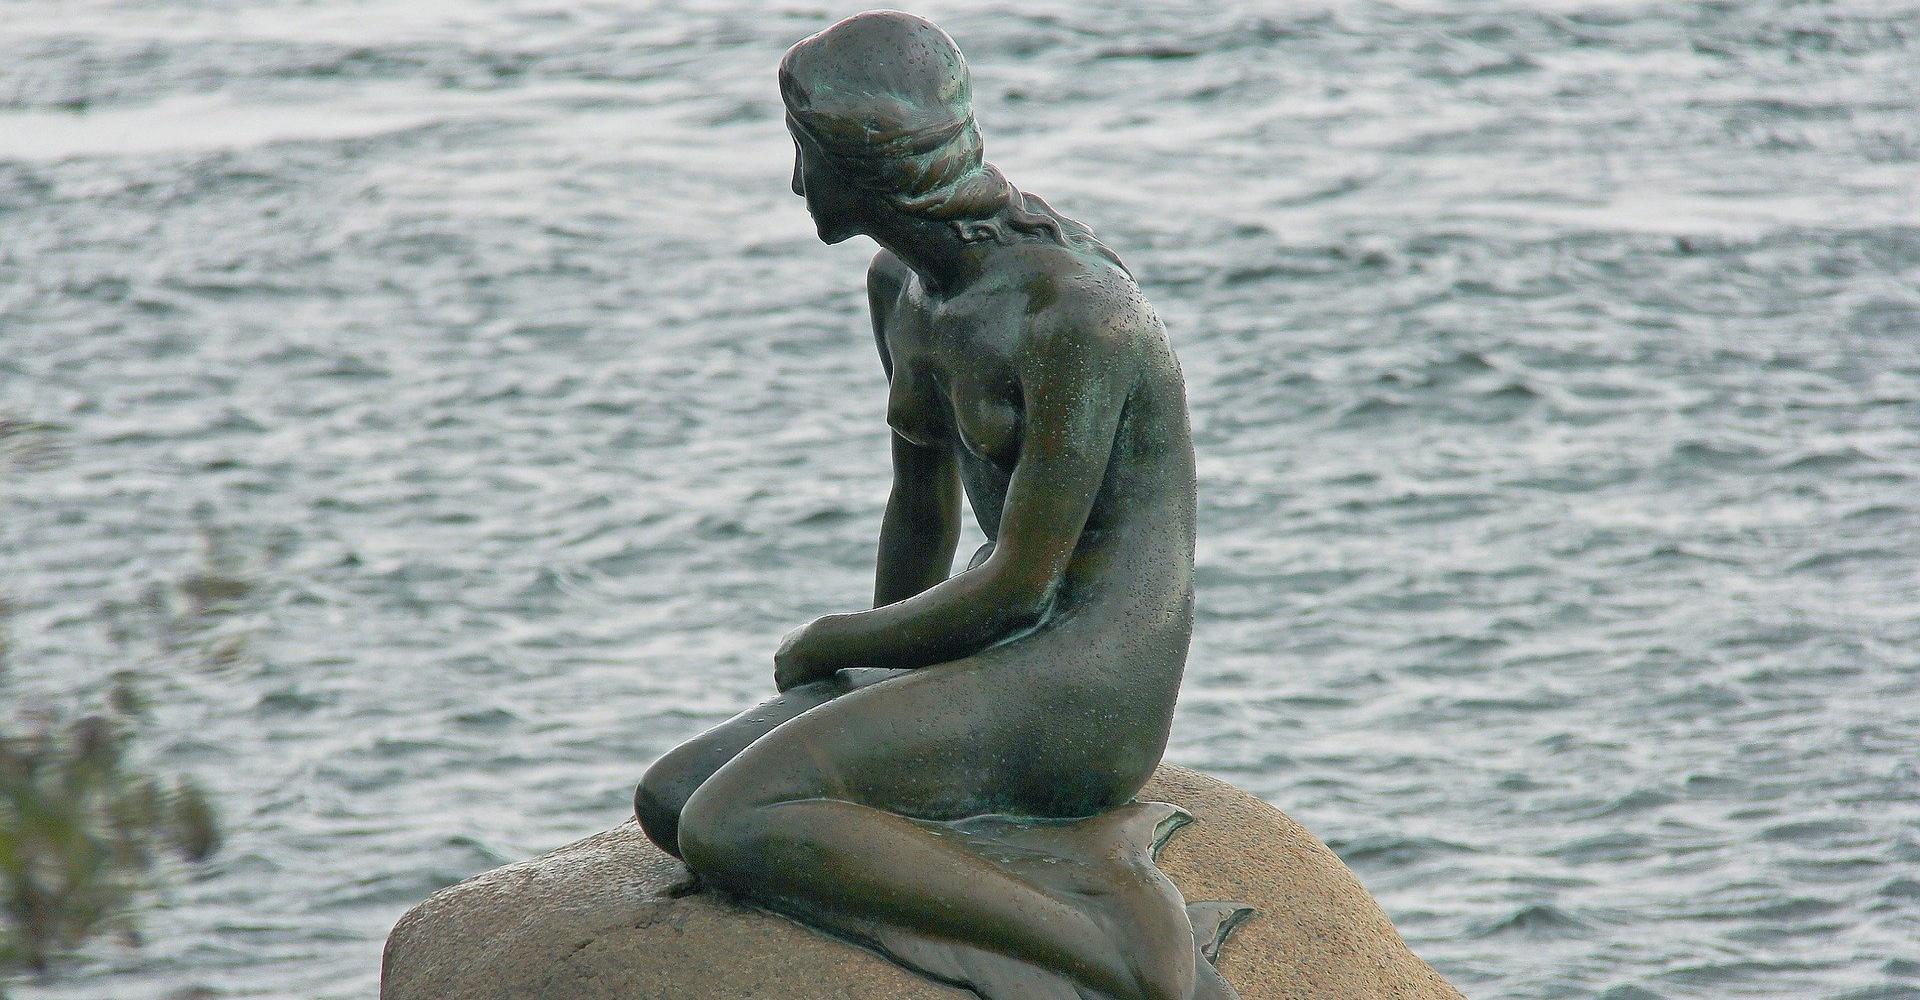 Edvard Eriksen: »Die kleine Meerjungfrau« im Kopenhagener Hafen